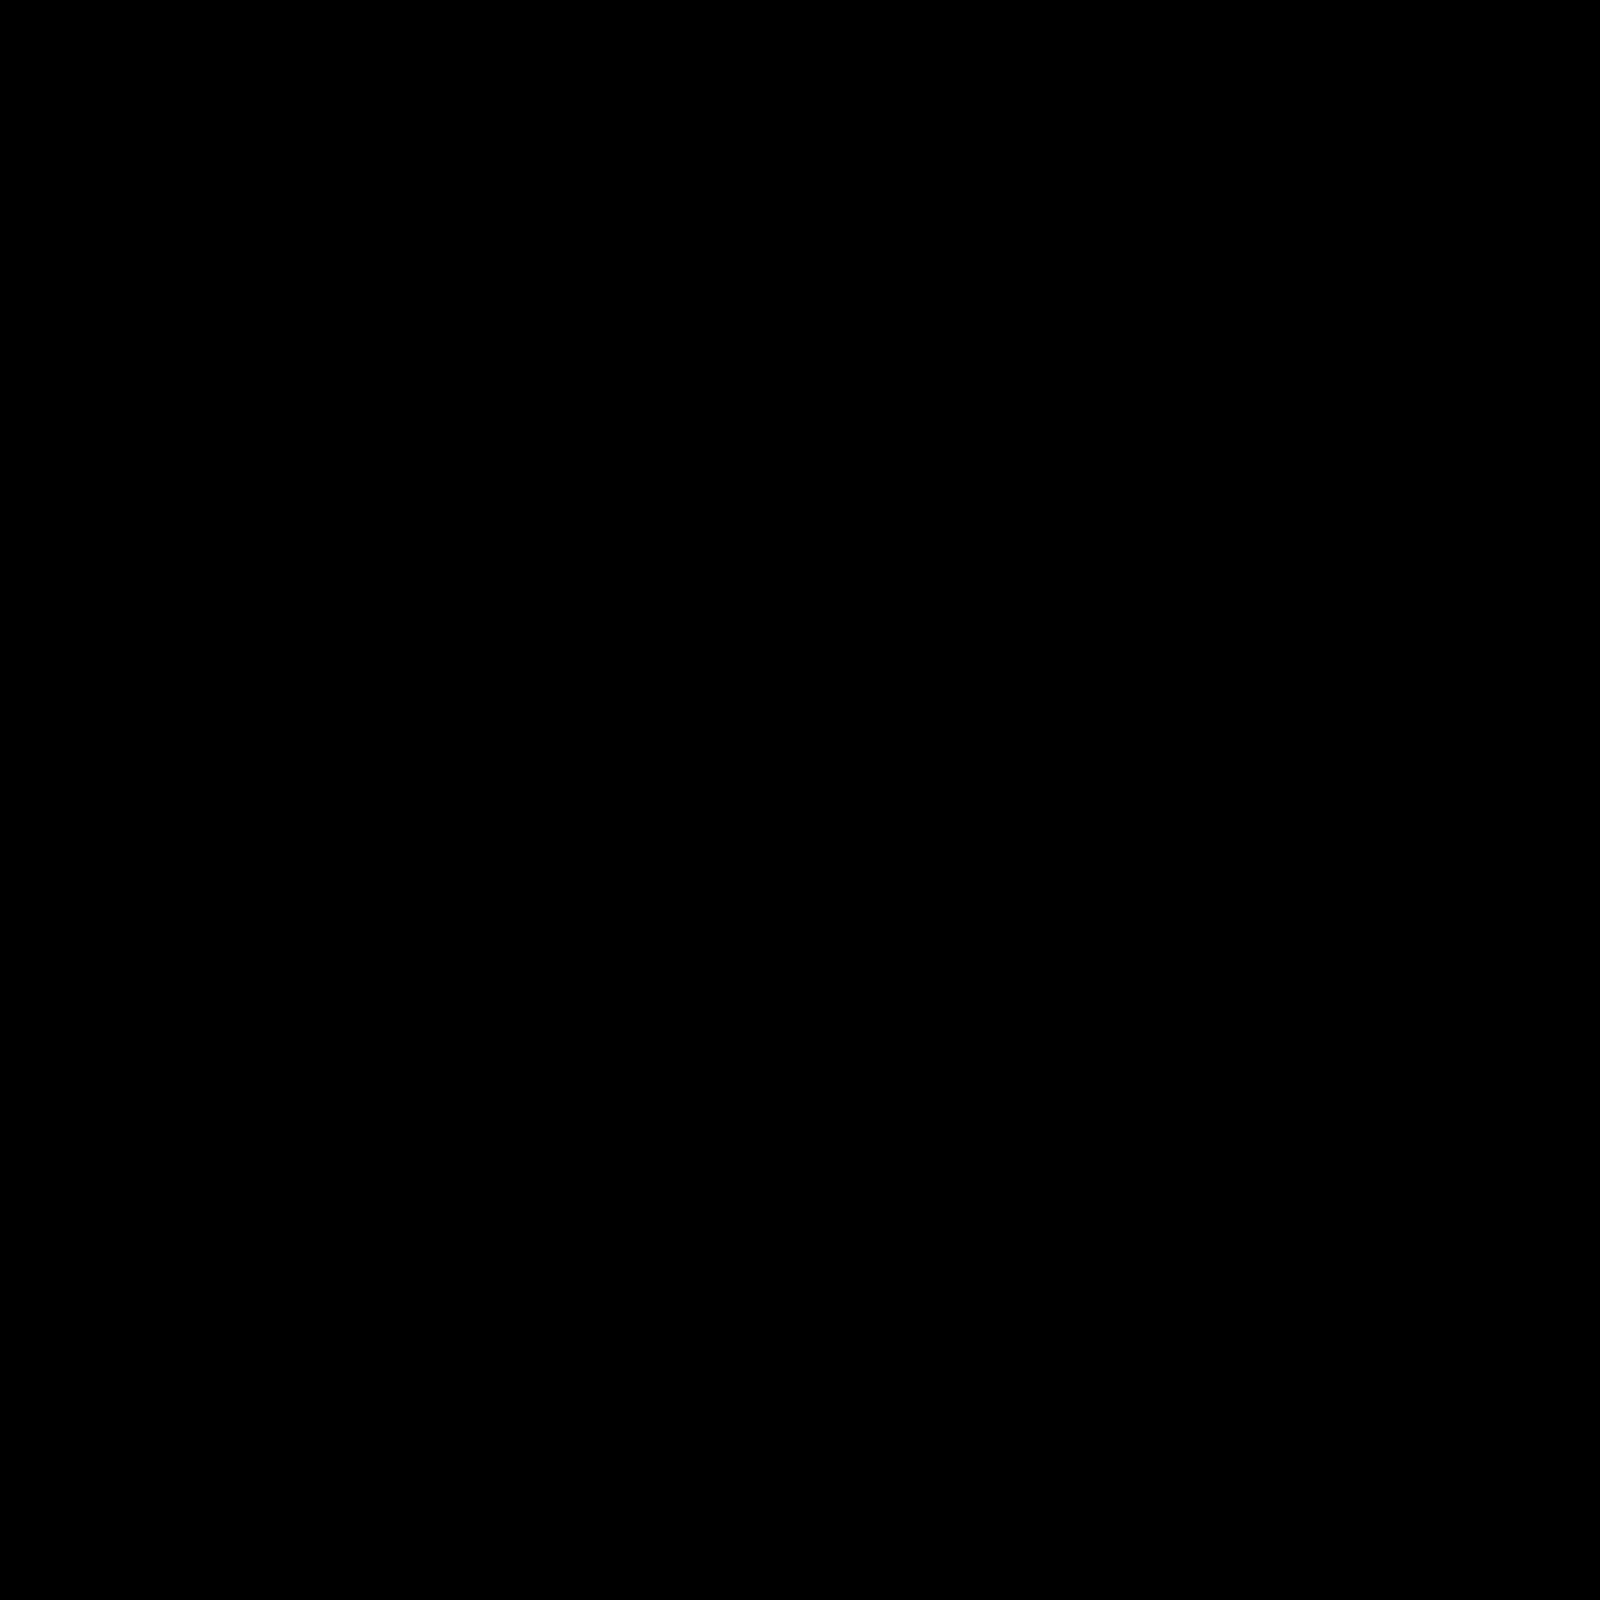 速度 icon